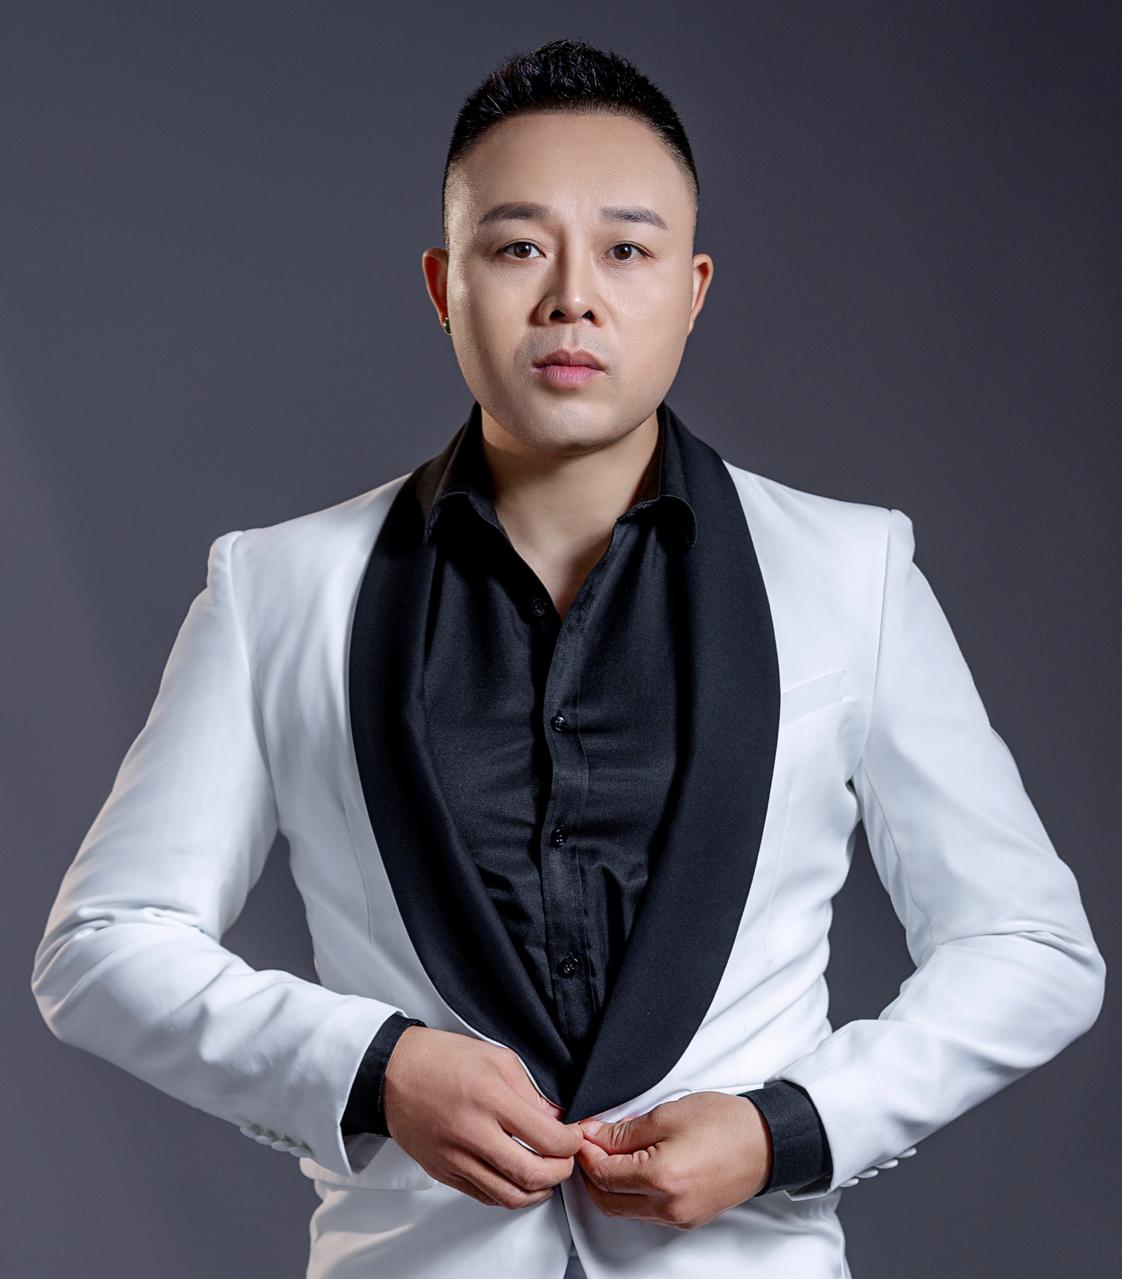 """泰拳冠军彭小龙被聘请为""""健康中国行动・健康宣传大使"""""""